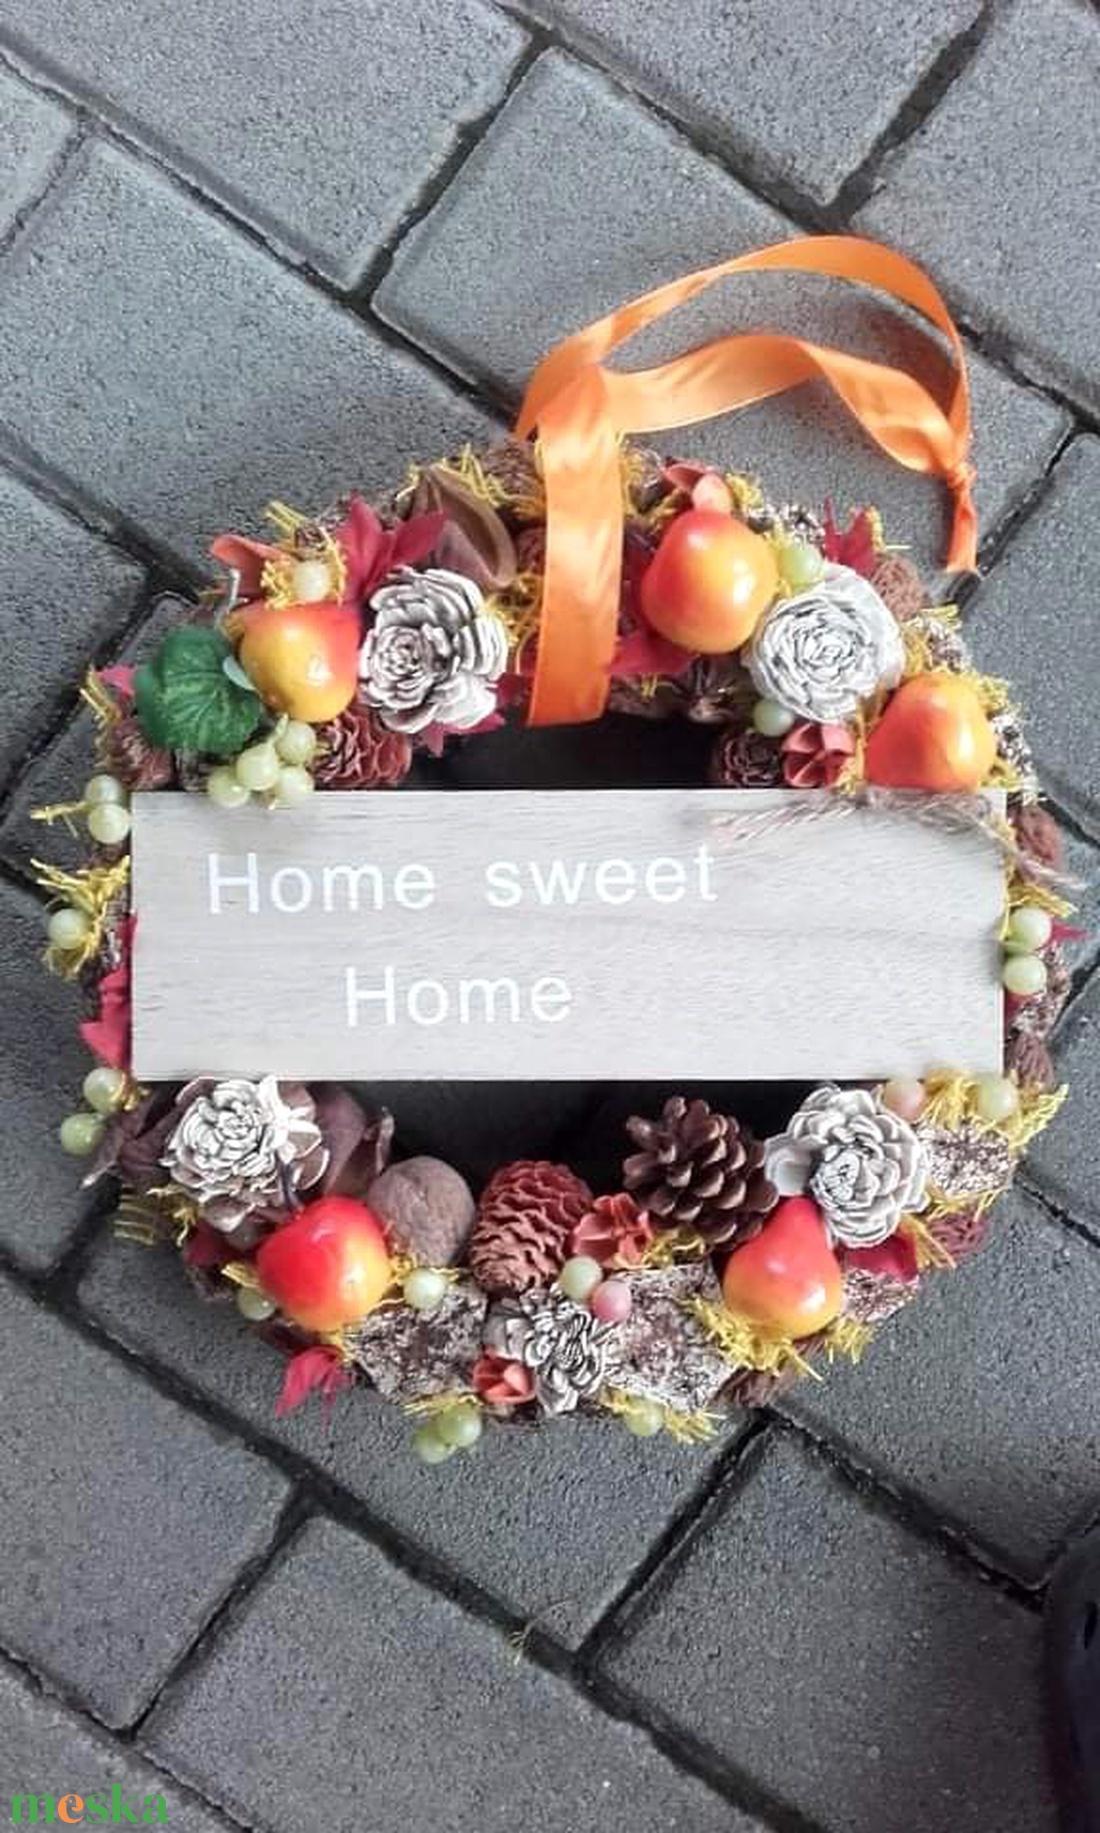 HOME őszi-tarka-terméses dísz, kopogtató, ajtódísz - otthon & lakás - dekoráció - ajtódísz & kopogtató - Meska.hu